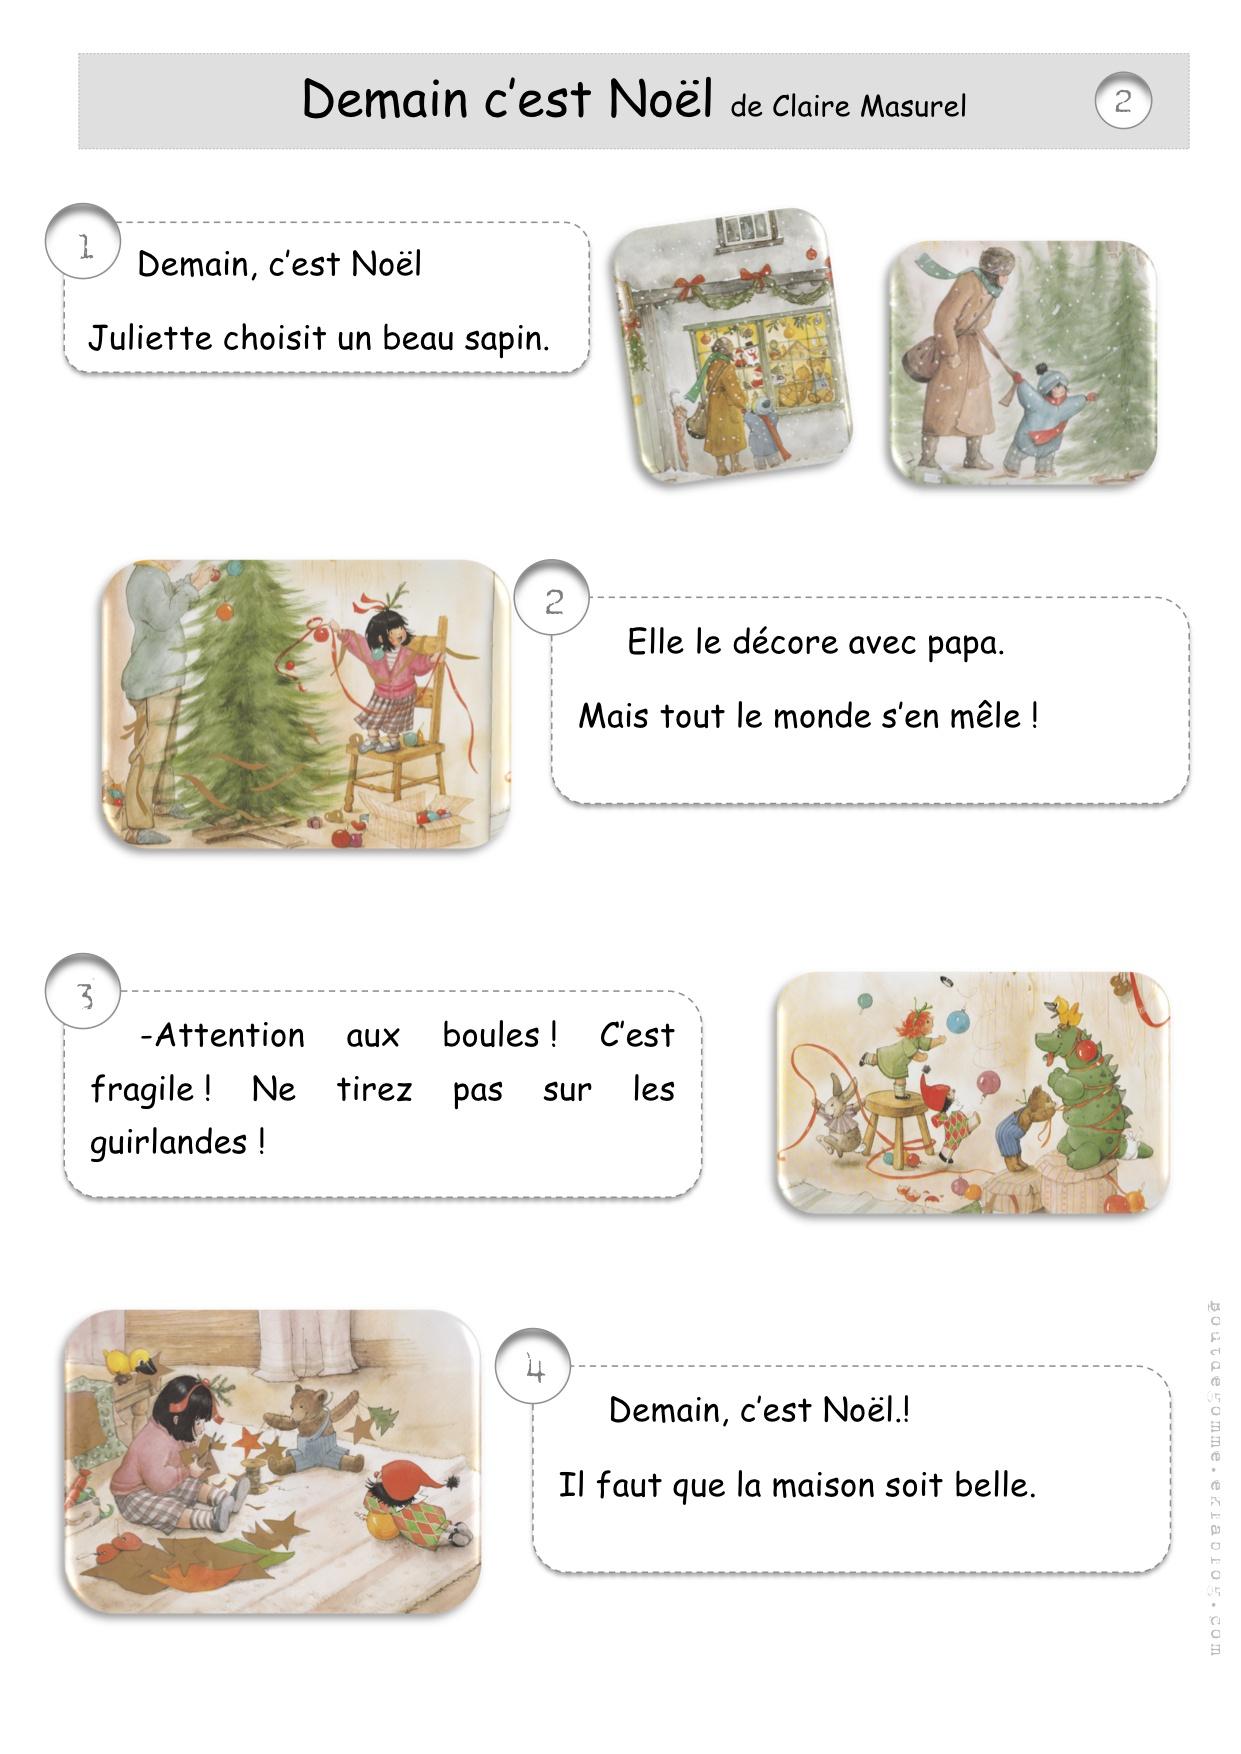 #965F35 Noël: Lecture Bricolage Recette Anglais… Bout De Gomme 5359 décorations de noel ce1 1241x1754 px @ aertt.com